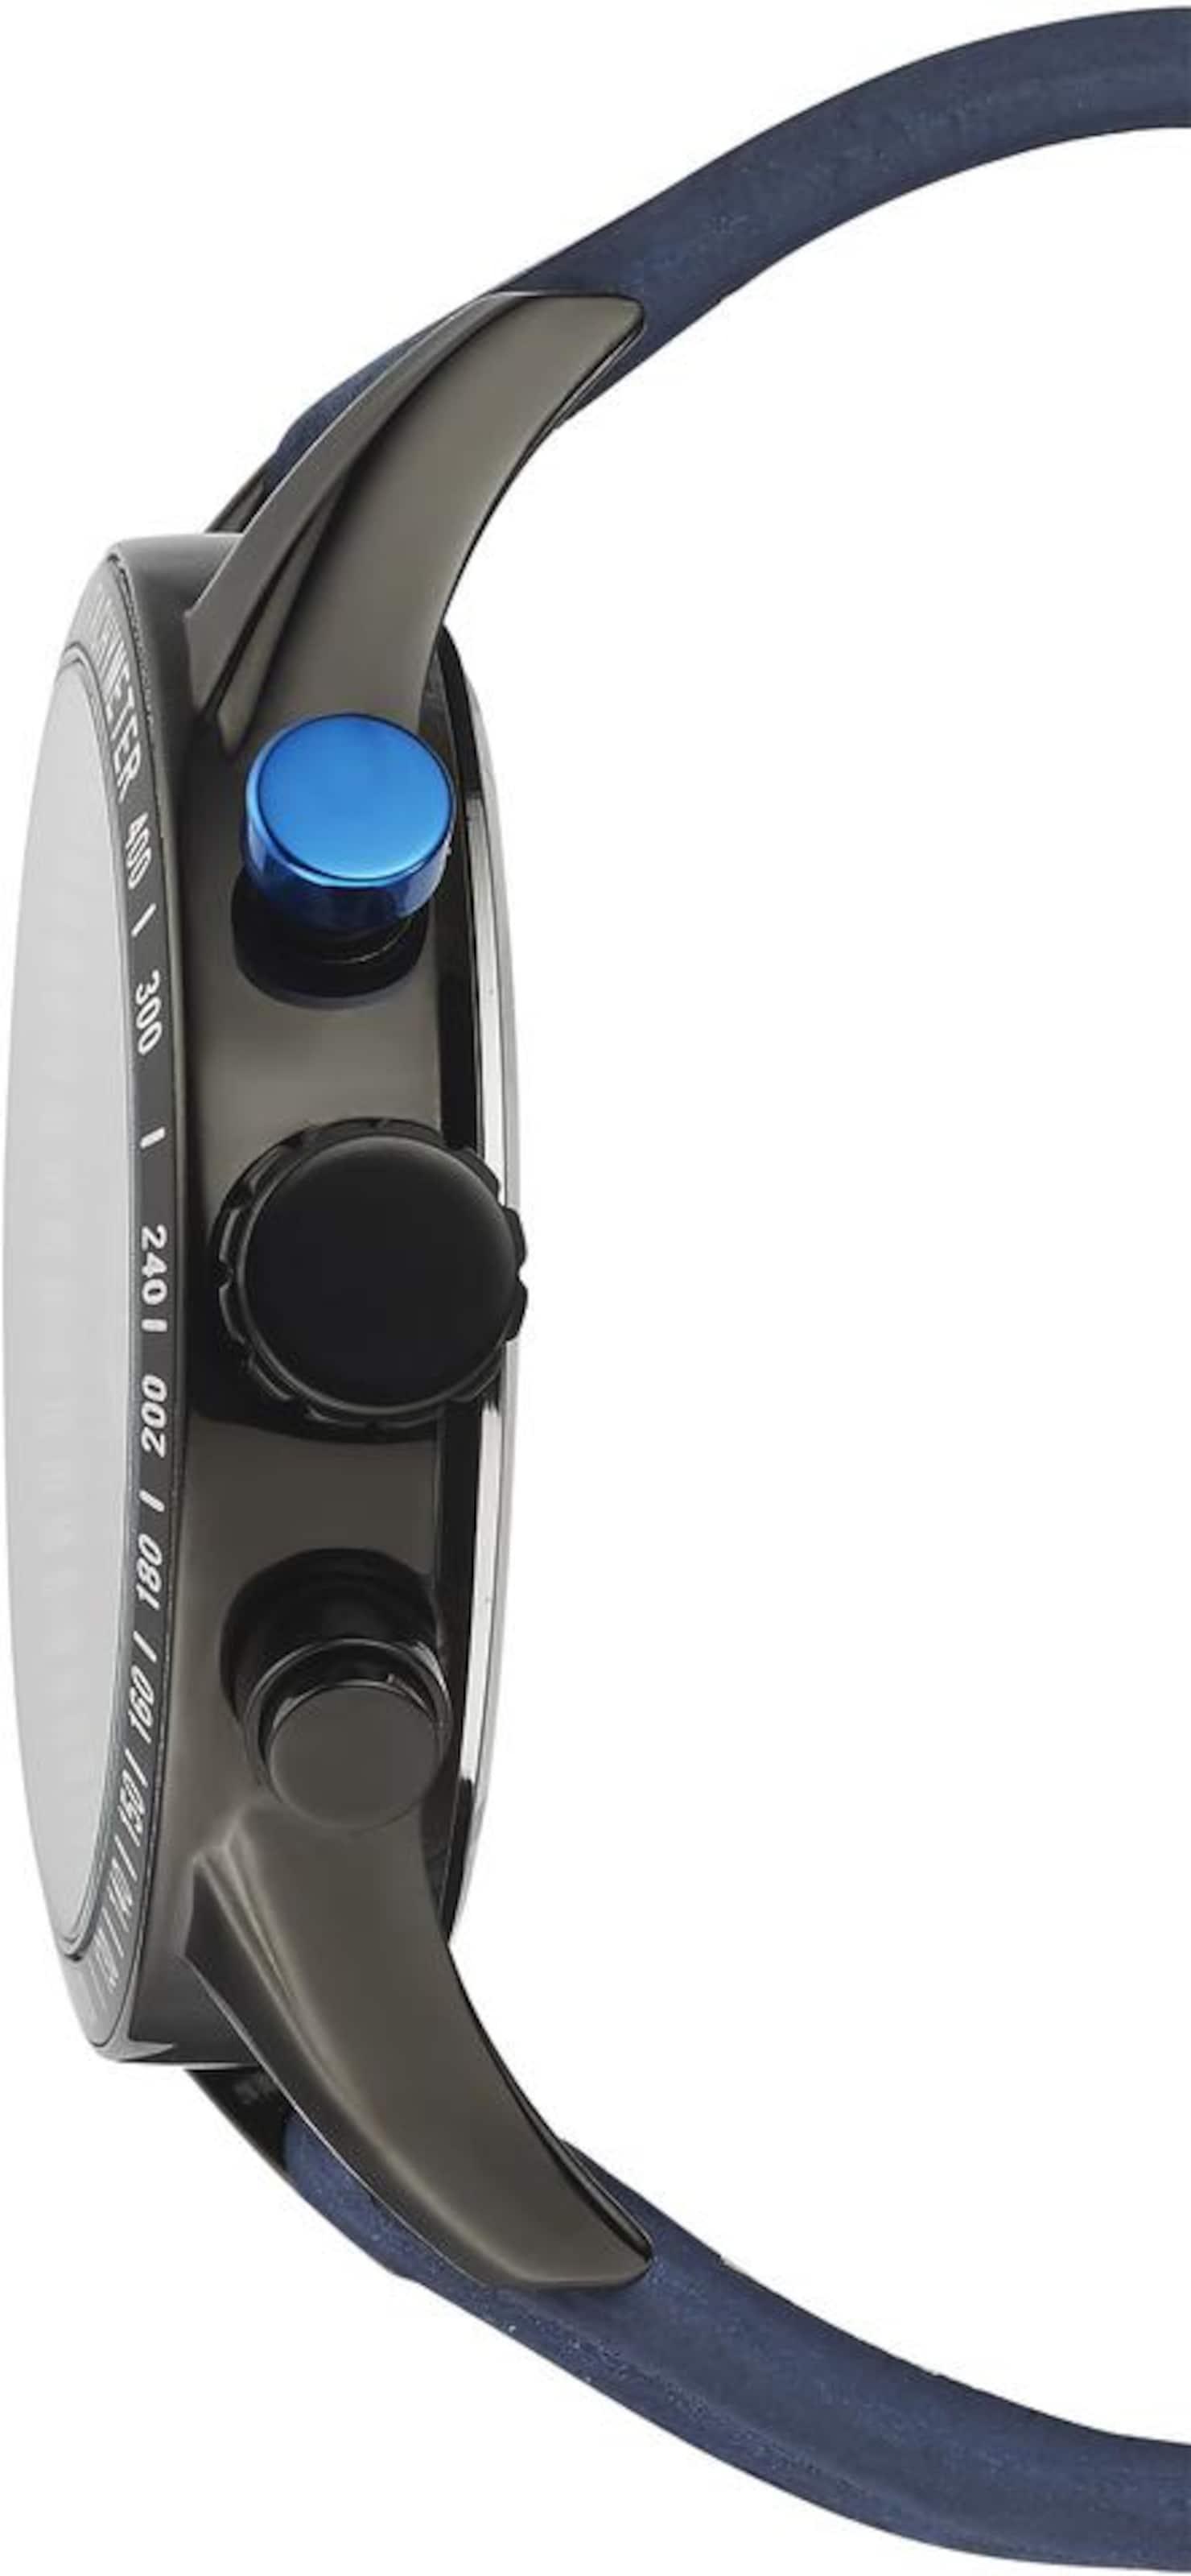 Ausgezeichnete Online Billig Verkaufen Bilder BUFFALO Multifunktionsuhr U733iaK2